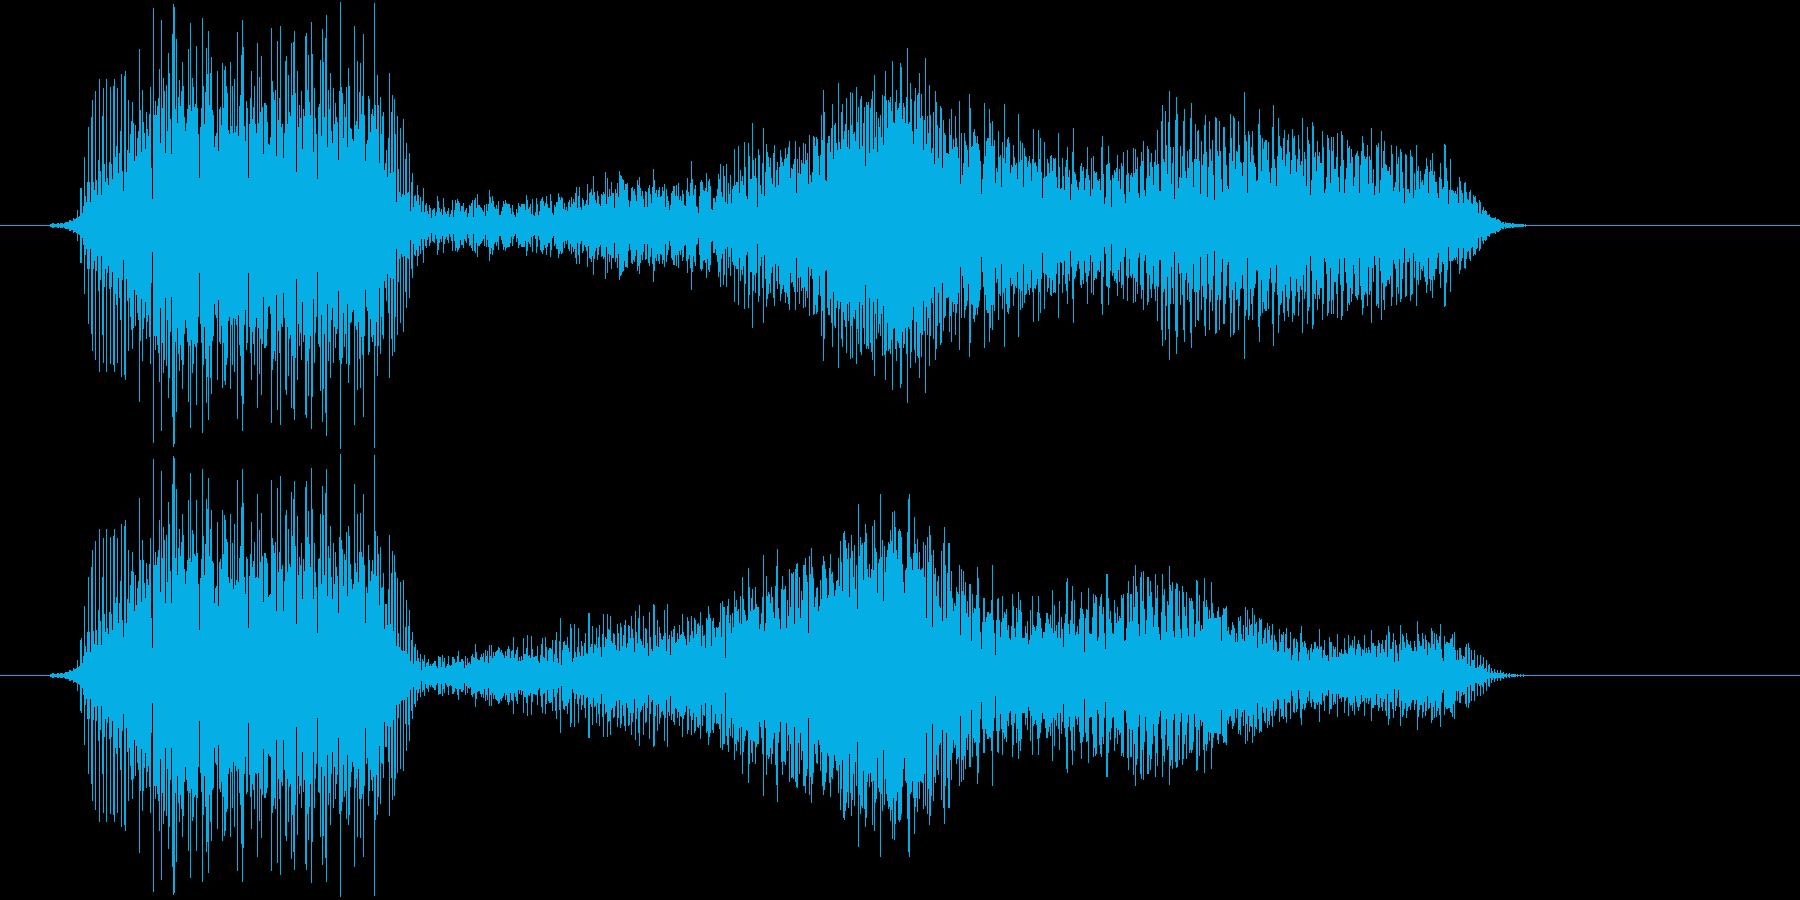 サウンドロゴ等の再生済みの波形